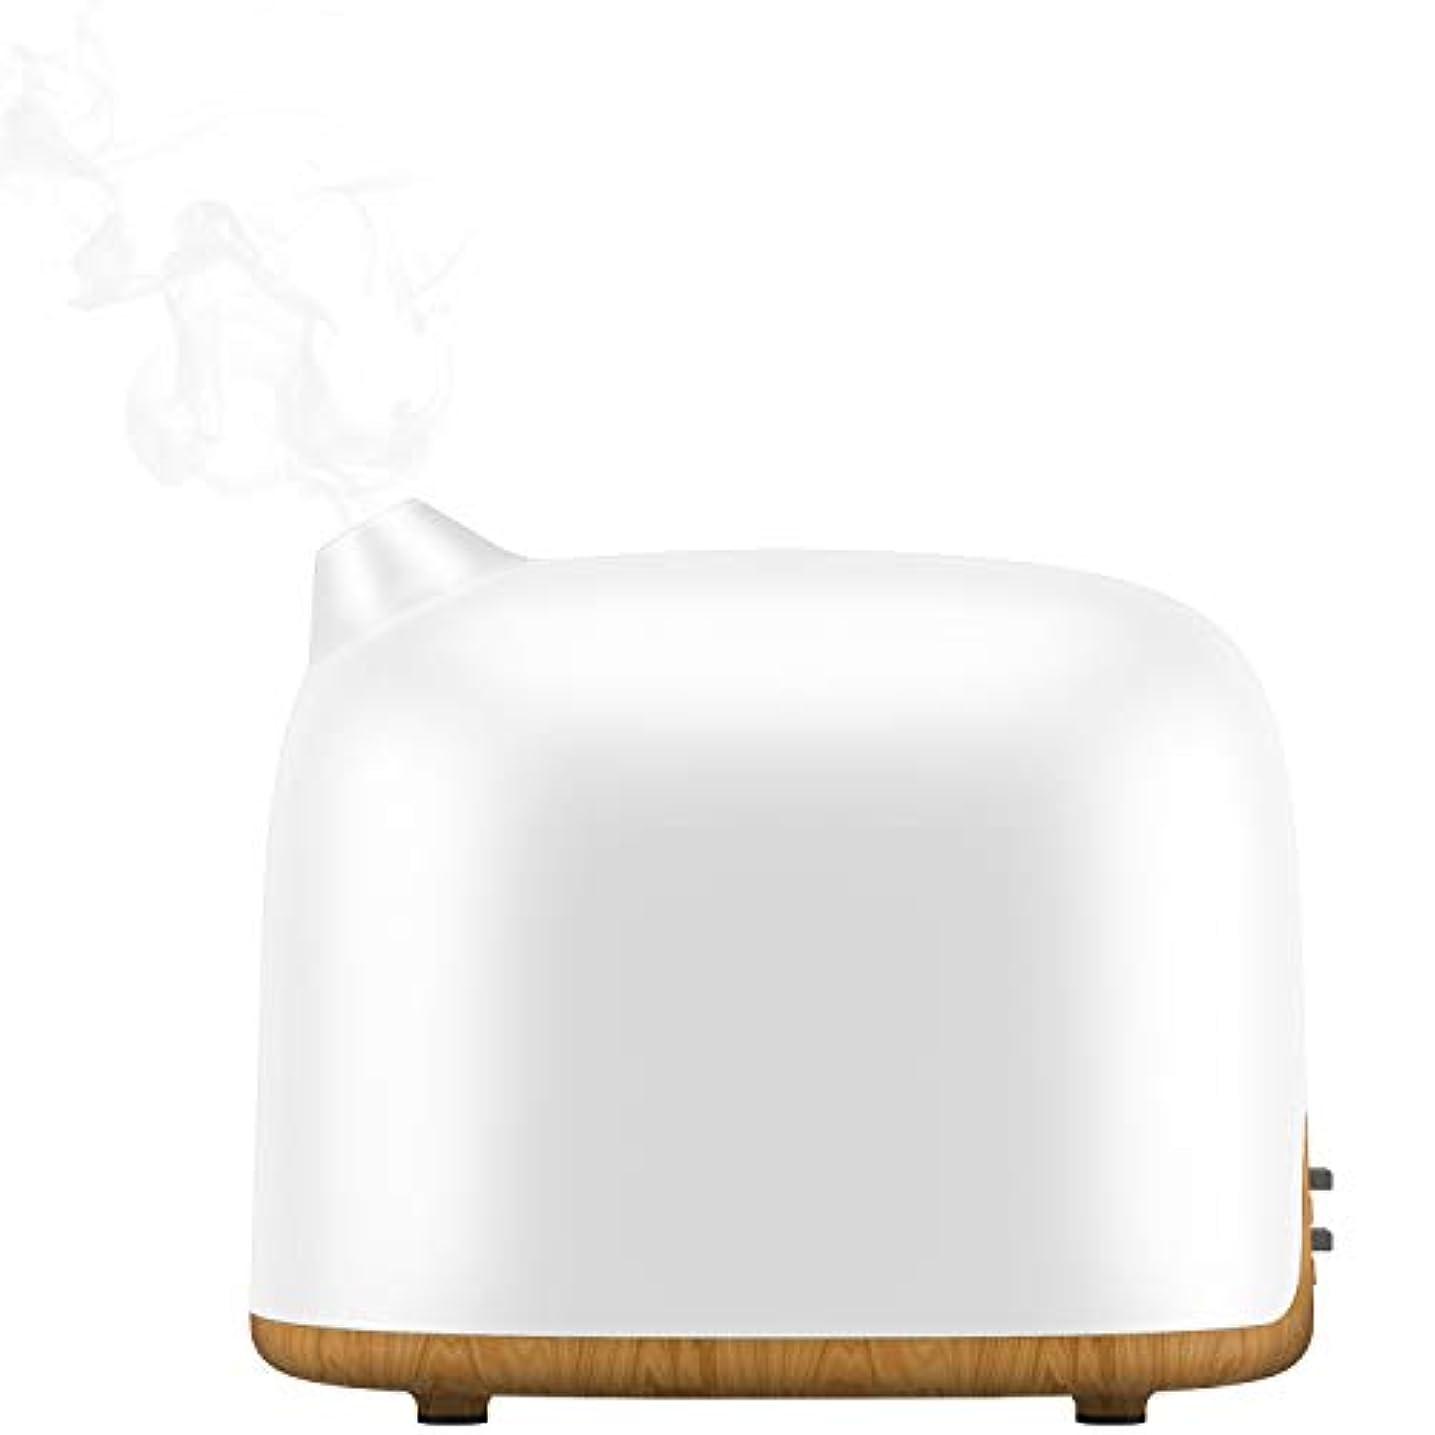 万歳さようなら同化[令和最新版]スマートアロマディフューザー MILcea スマホ連動 超音波アロマ加湿器 ミスト2段階調節 14色LEDライト変換 時間設定 静音 省エネ 空焚き防止機能付き Amazon Echo/Google Home...